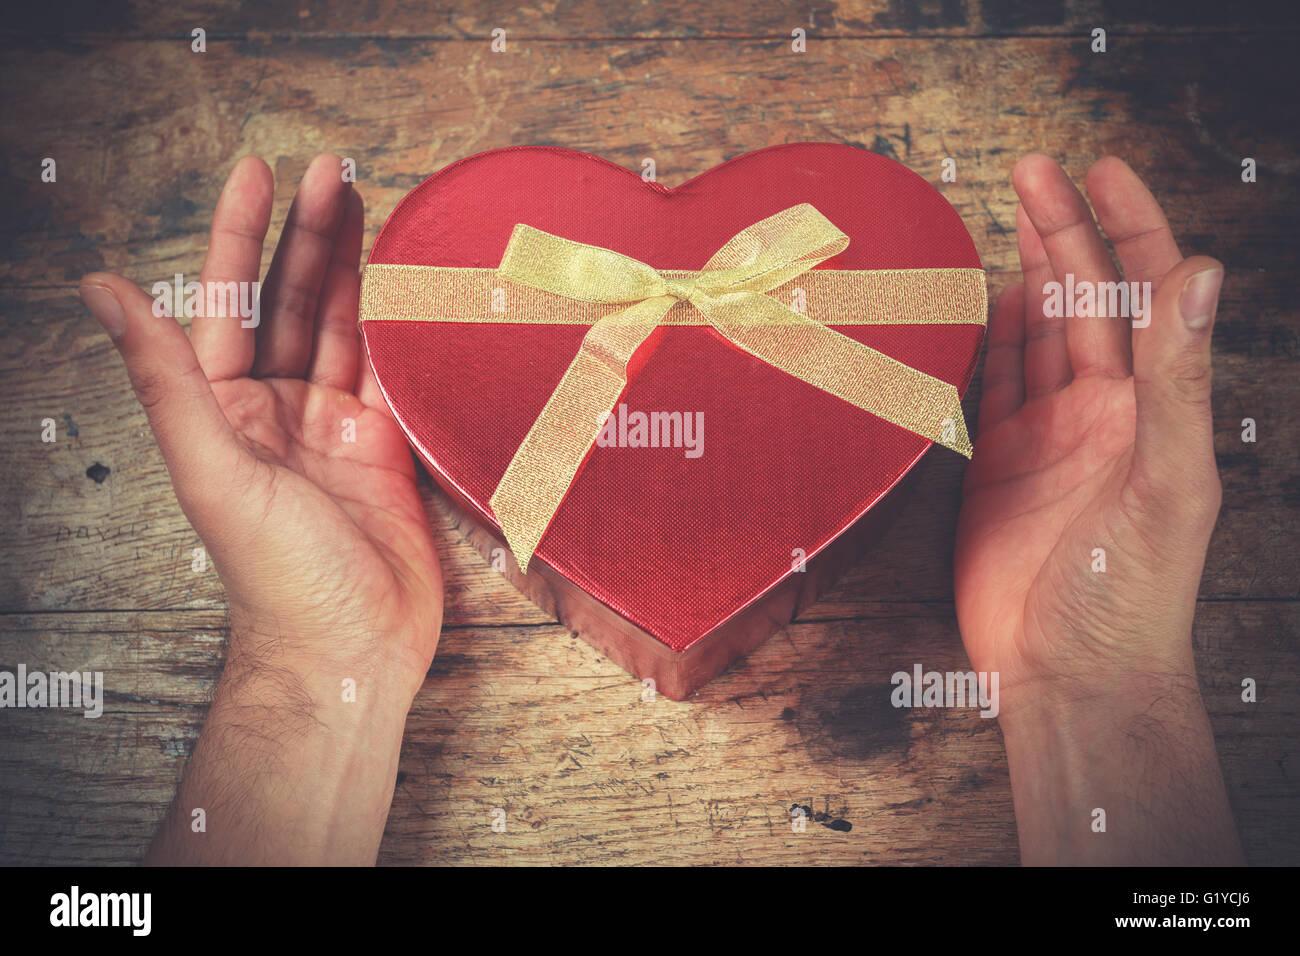 Un homme a les mains en appui sur une surface en bois avec une boîte en forme de coeur Photo Stock